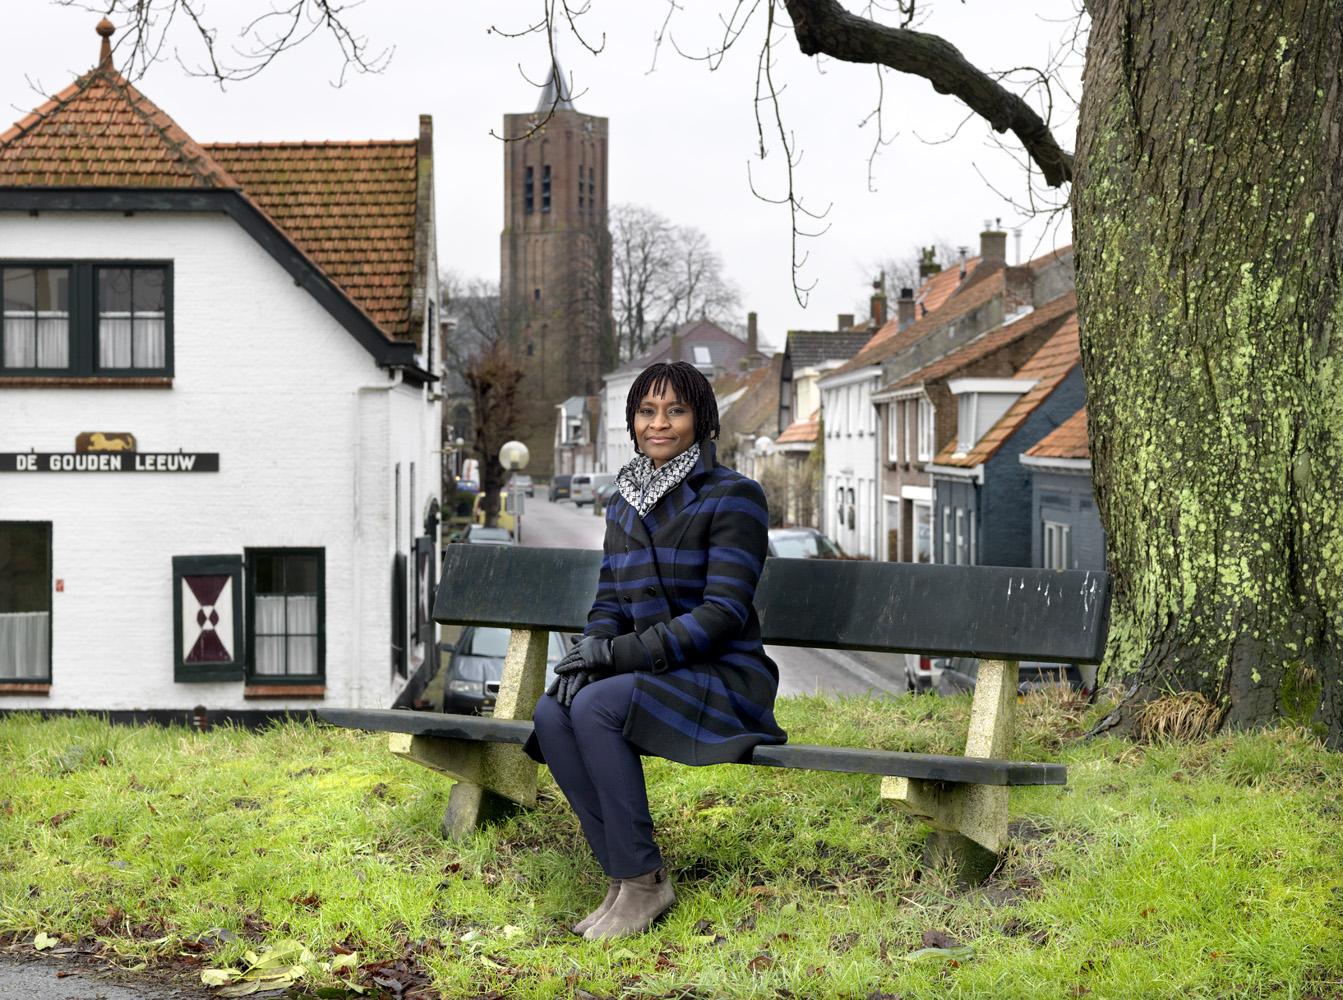 Blaise op de dijk recht voor haar huis. Hier was ook de bushalte waar zij elkaar hebben ontmoet.